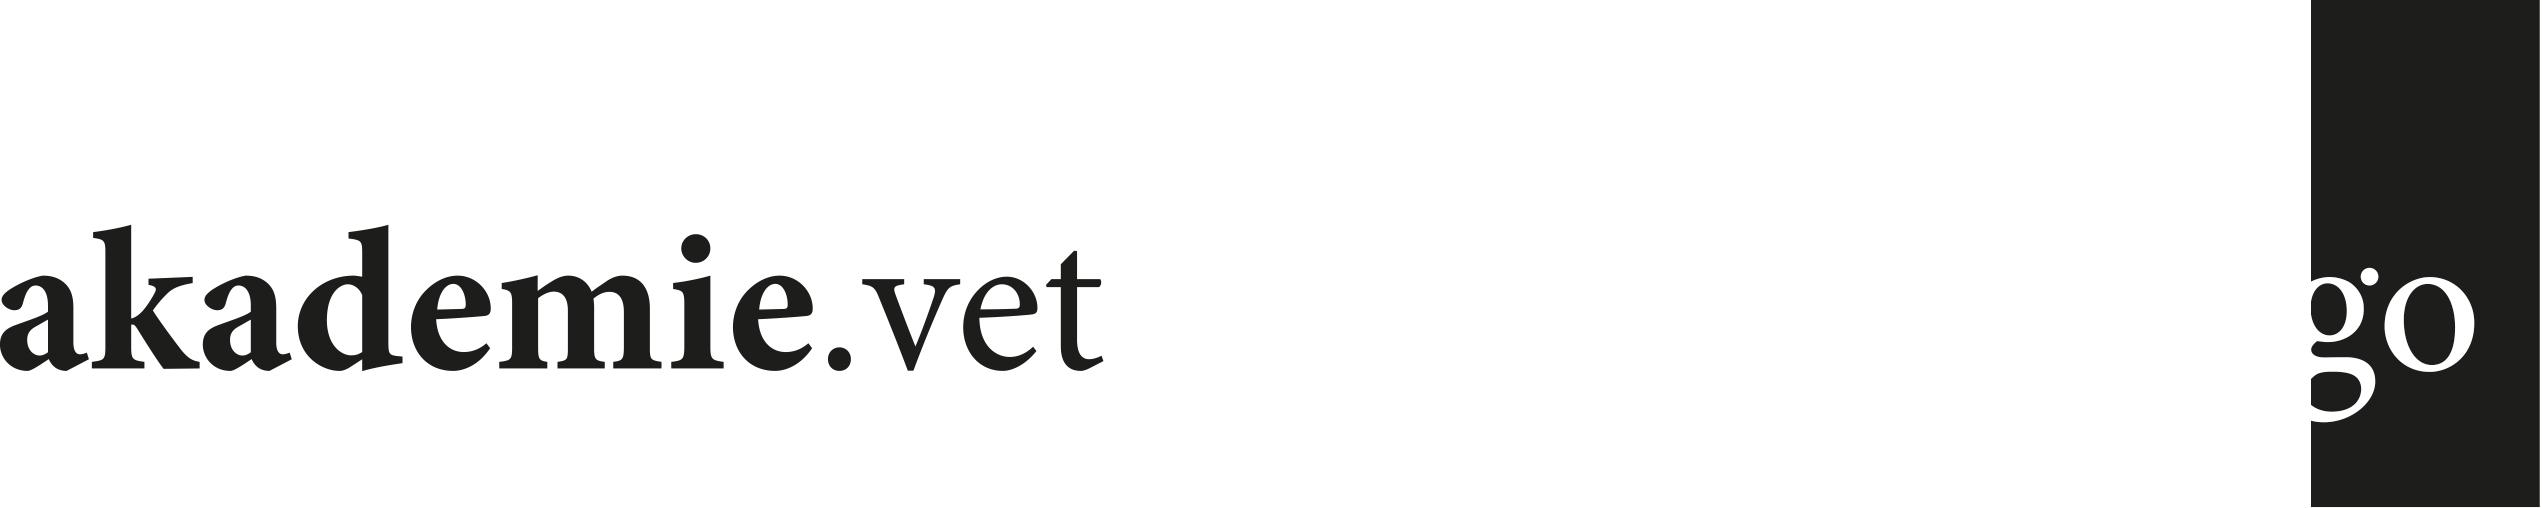 Internet Portal Center | akademie.vet von george und oslage